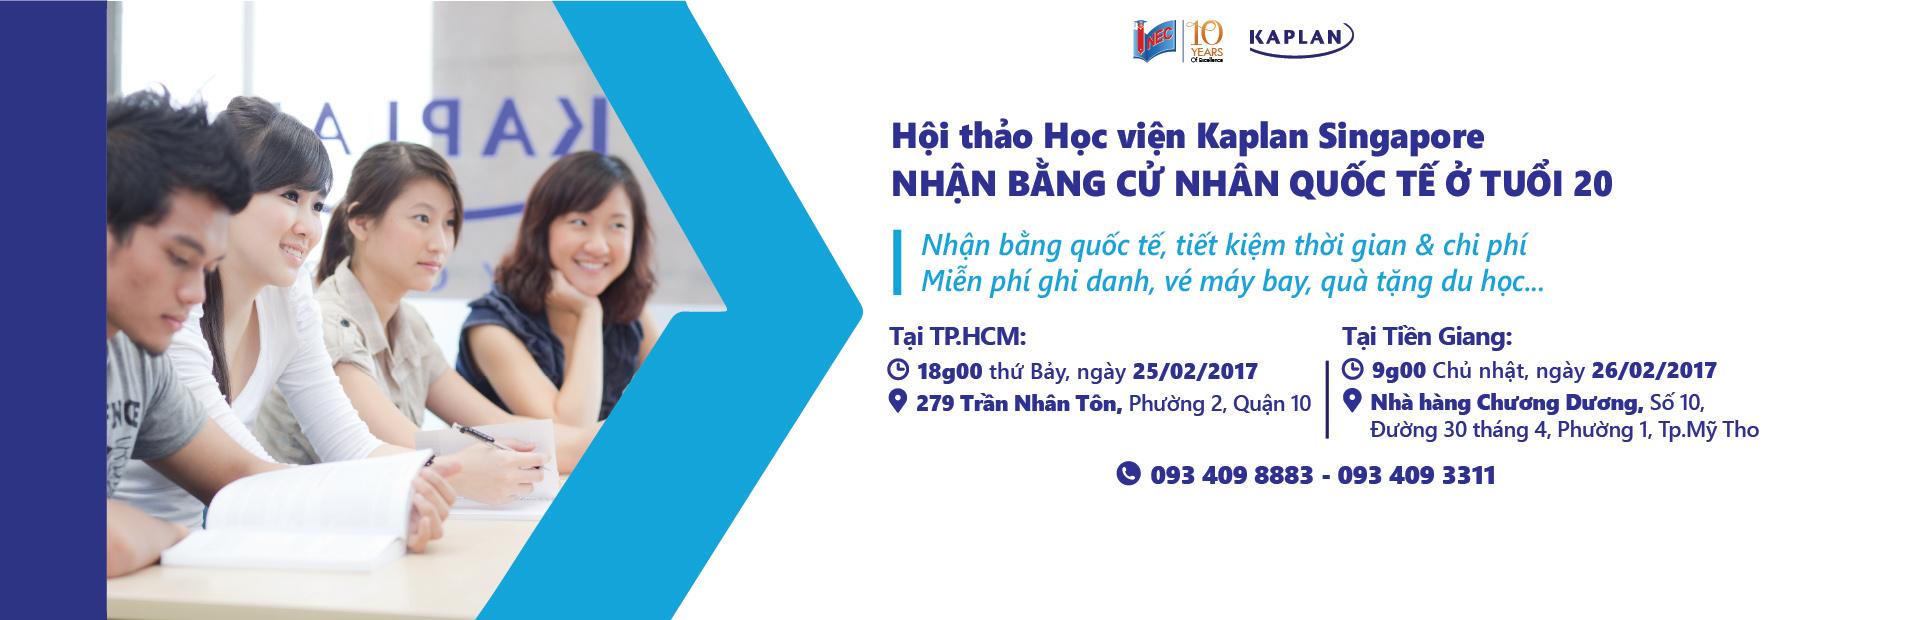 HT Kaplan Singapore 02-2017